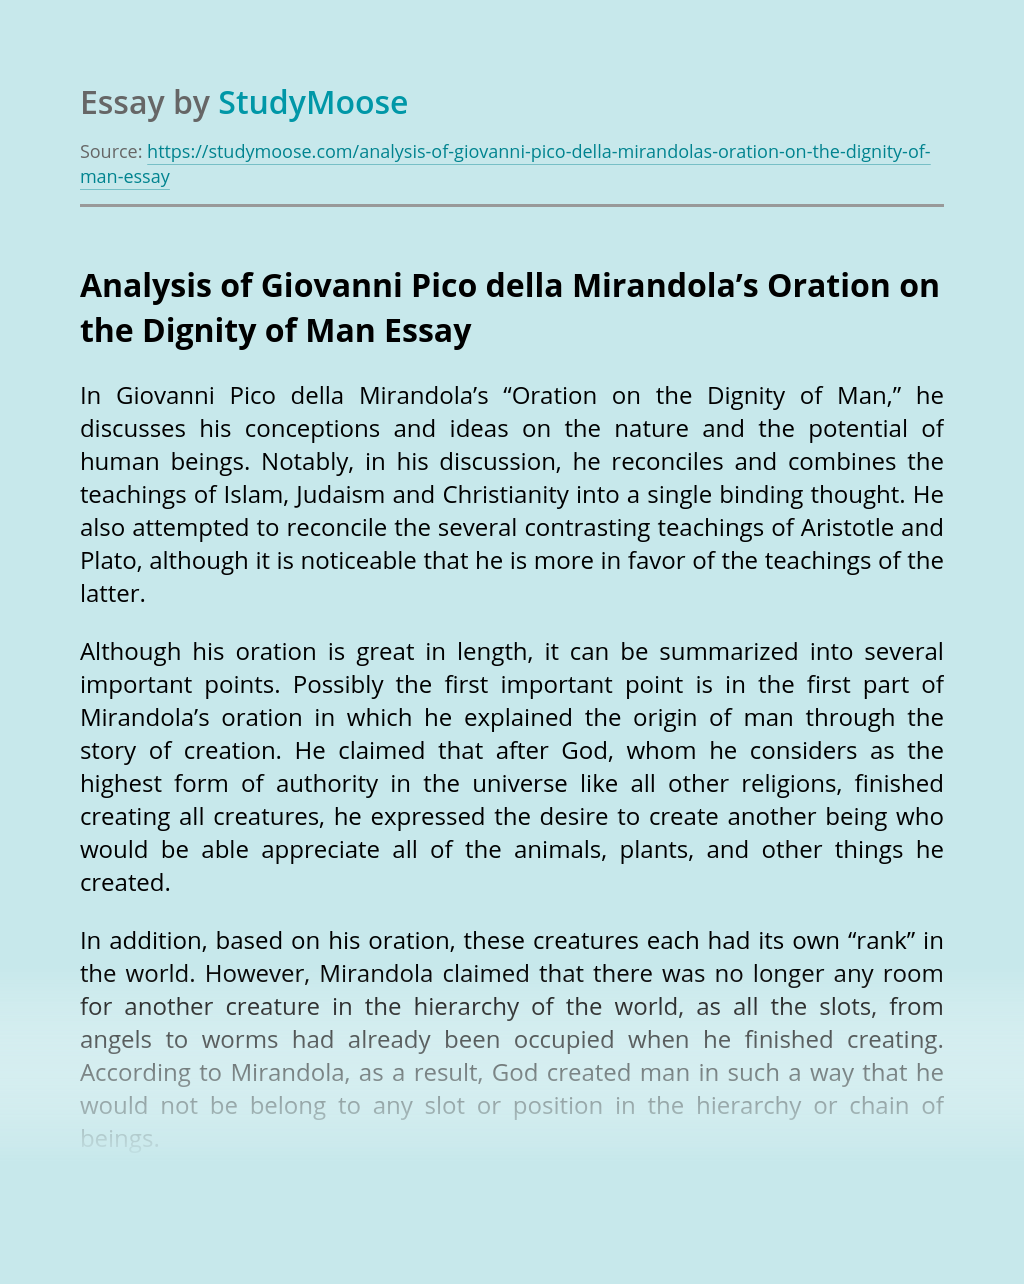 """Analysis of Giovanni Pico della Mirandola's """"Oration on the Dignity of Man"""""""